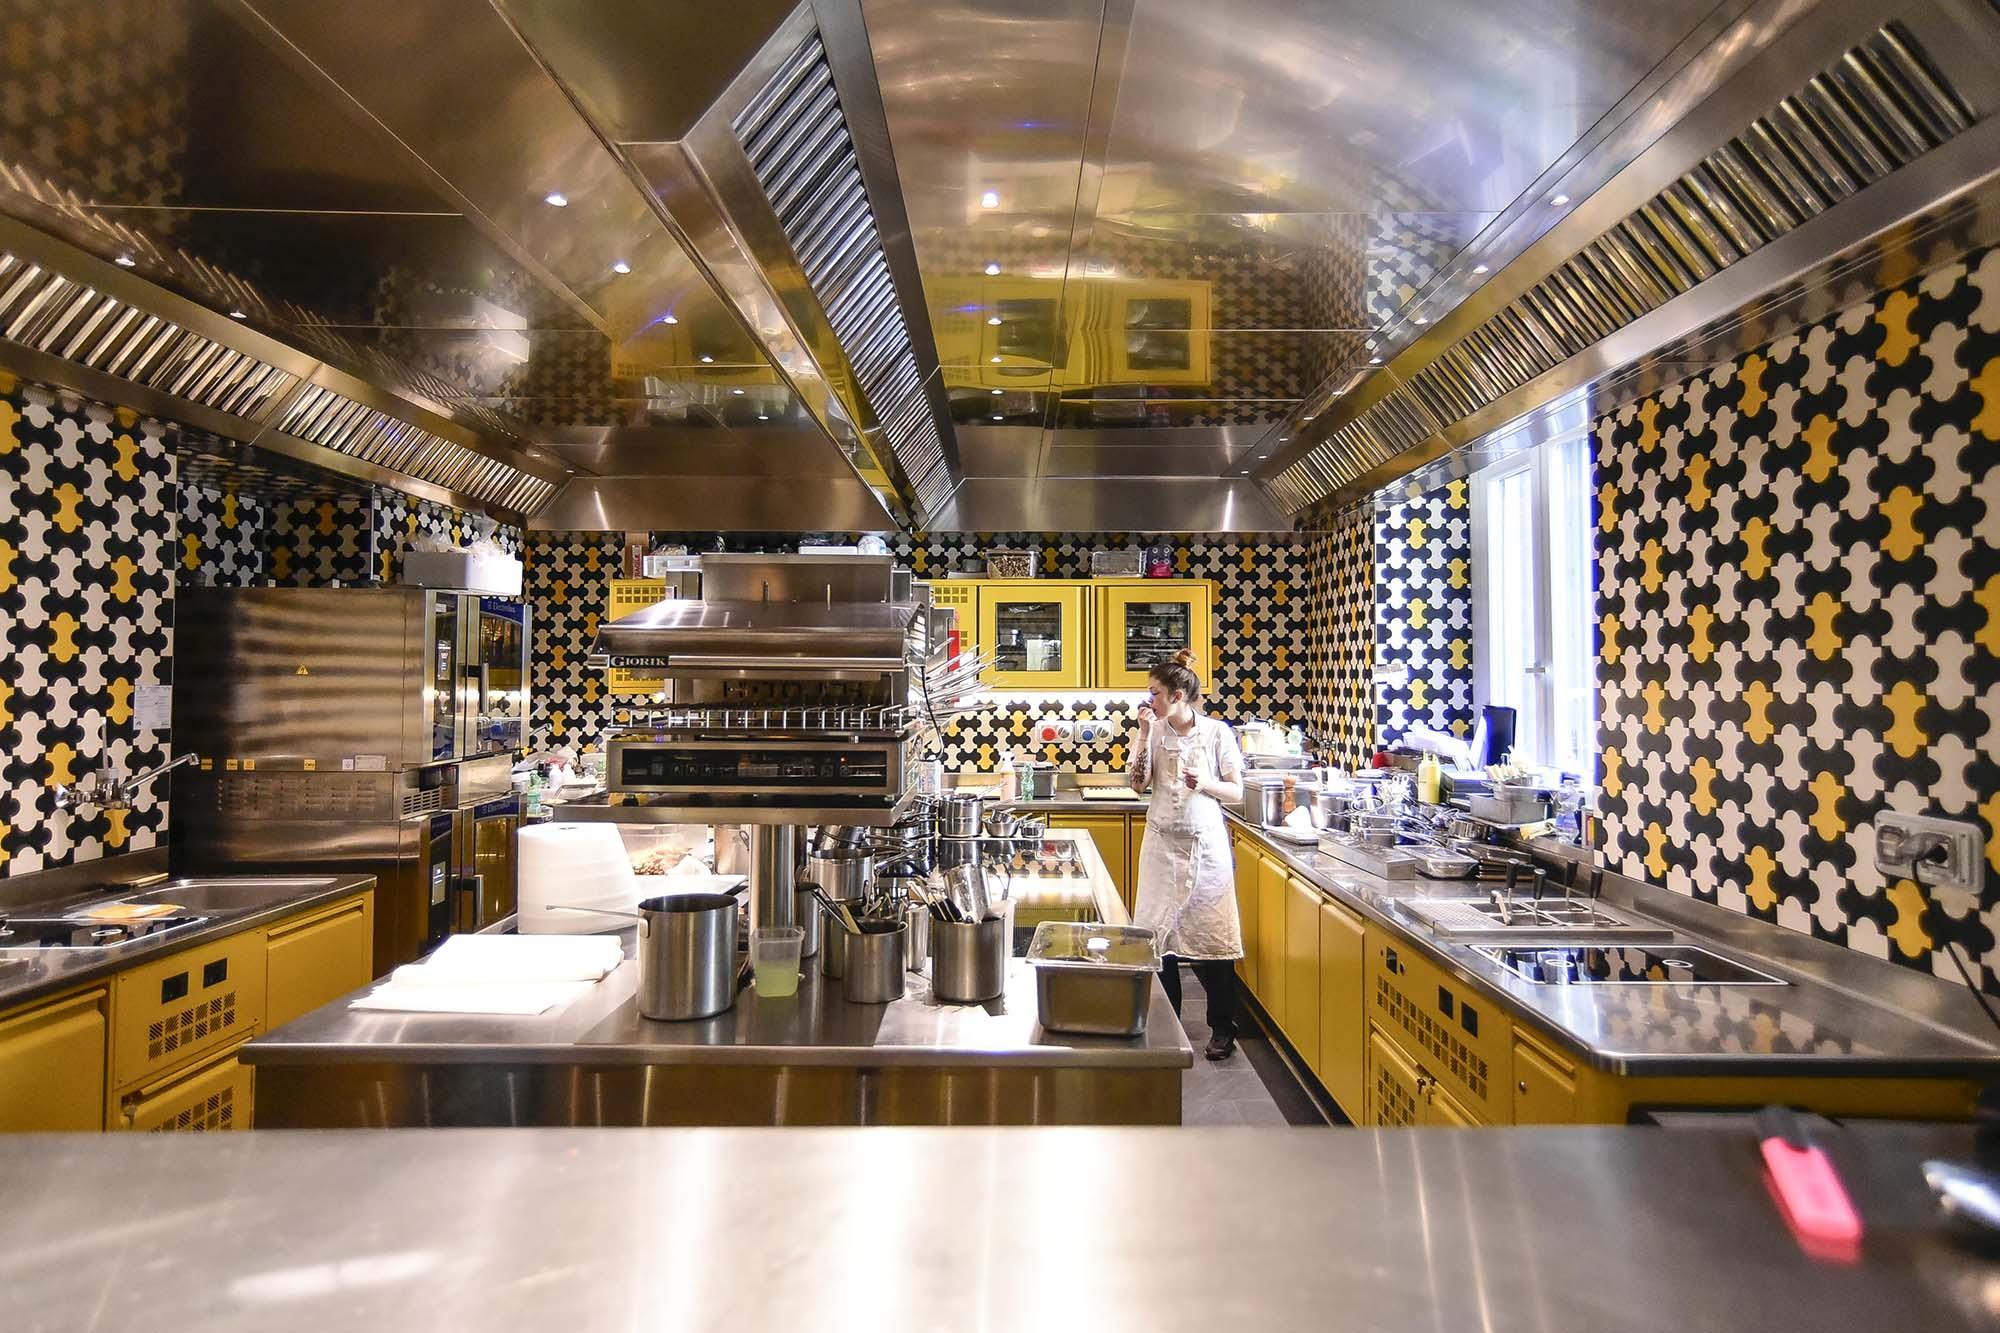 Nella cucina del ristorante di Carlo Cracco, per la sigillatura delle fughe tra le piastrelle sono stati utilizzati i prodotti a base di resina epossidica della famiglia Kerapoxy.